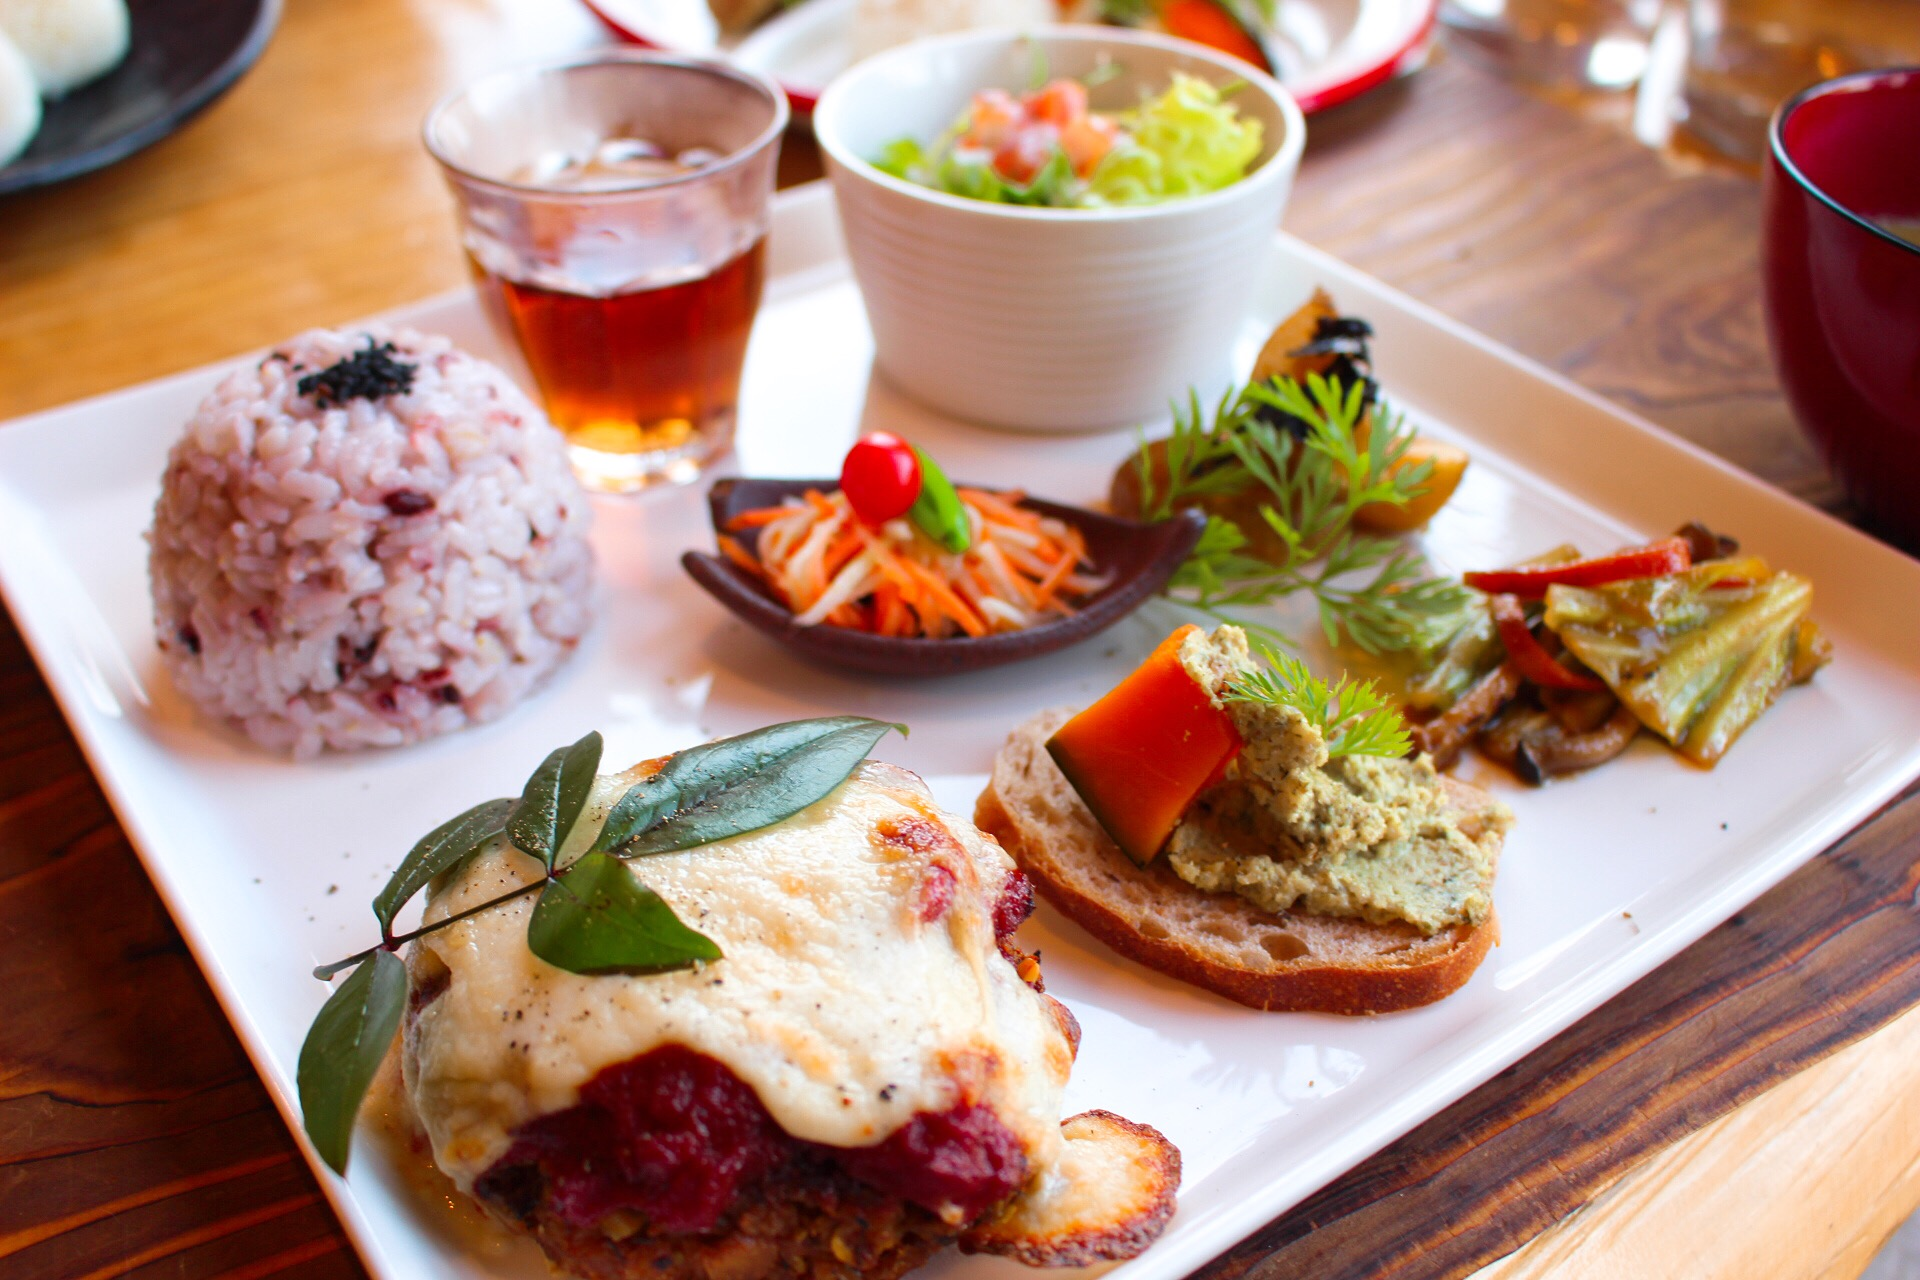 【アルバーロ】荒尾のカフェで子連れランチ!野菜たっぷり健康ご飯